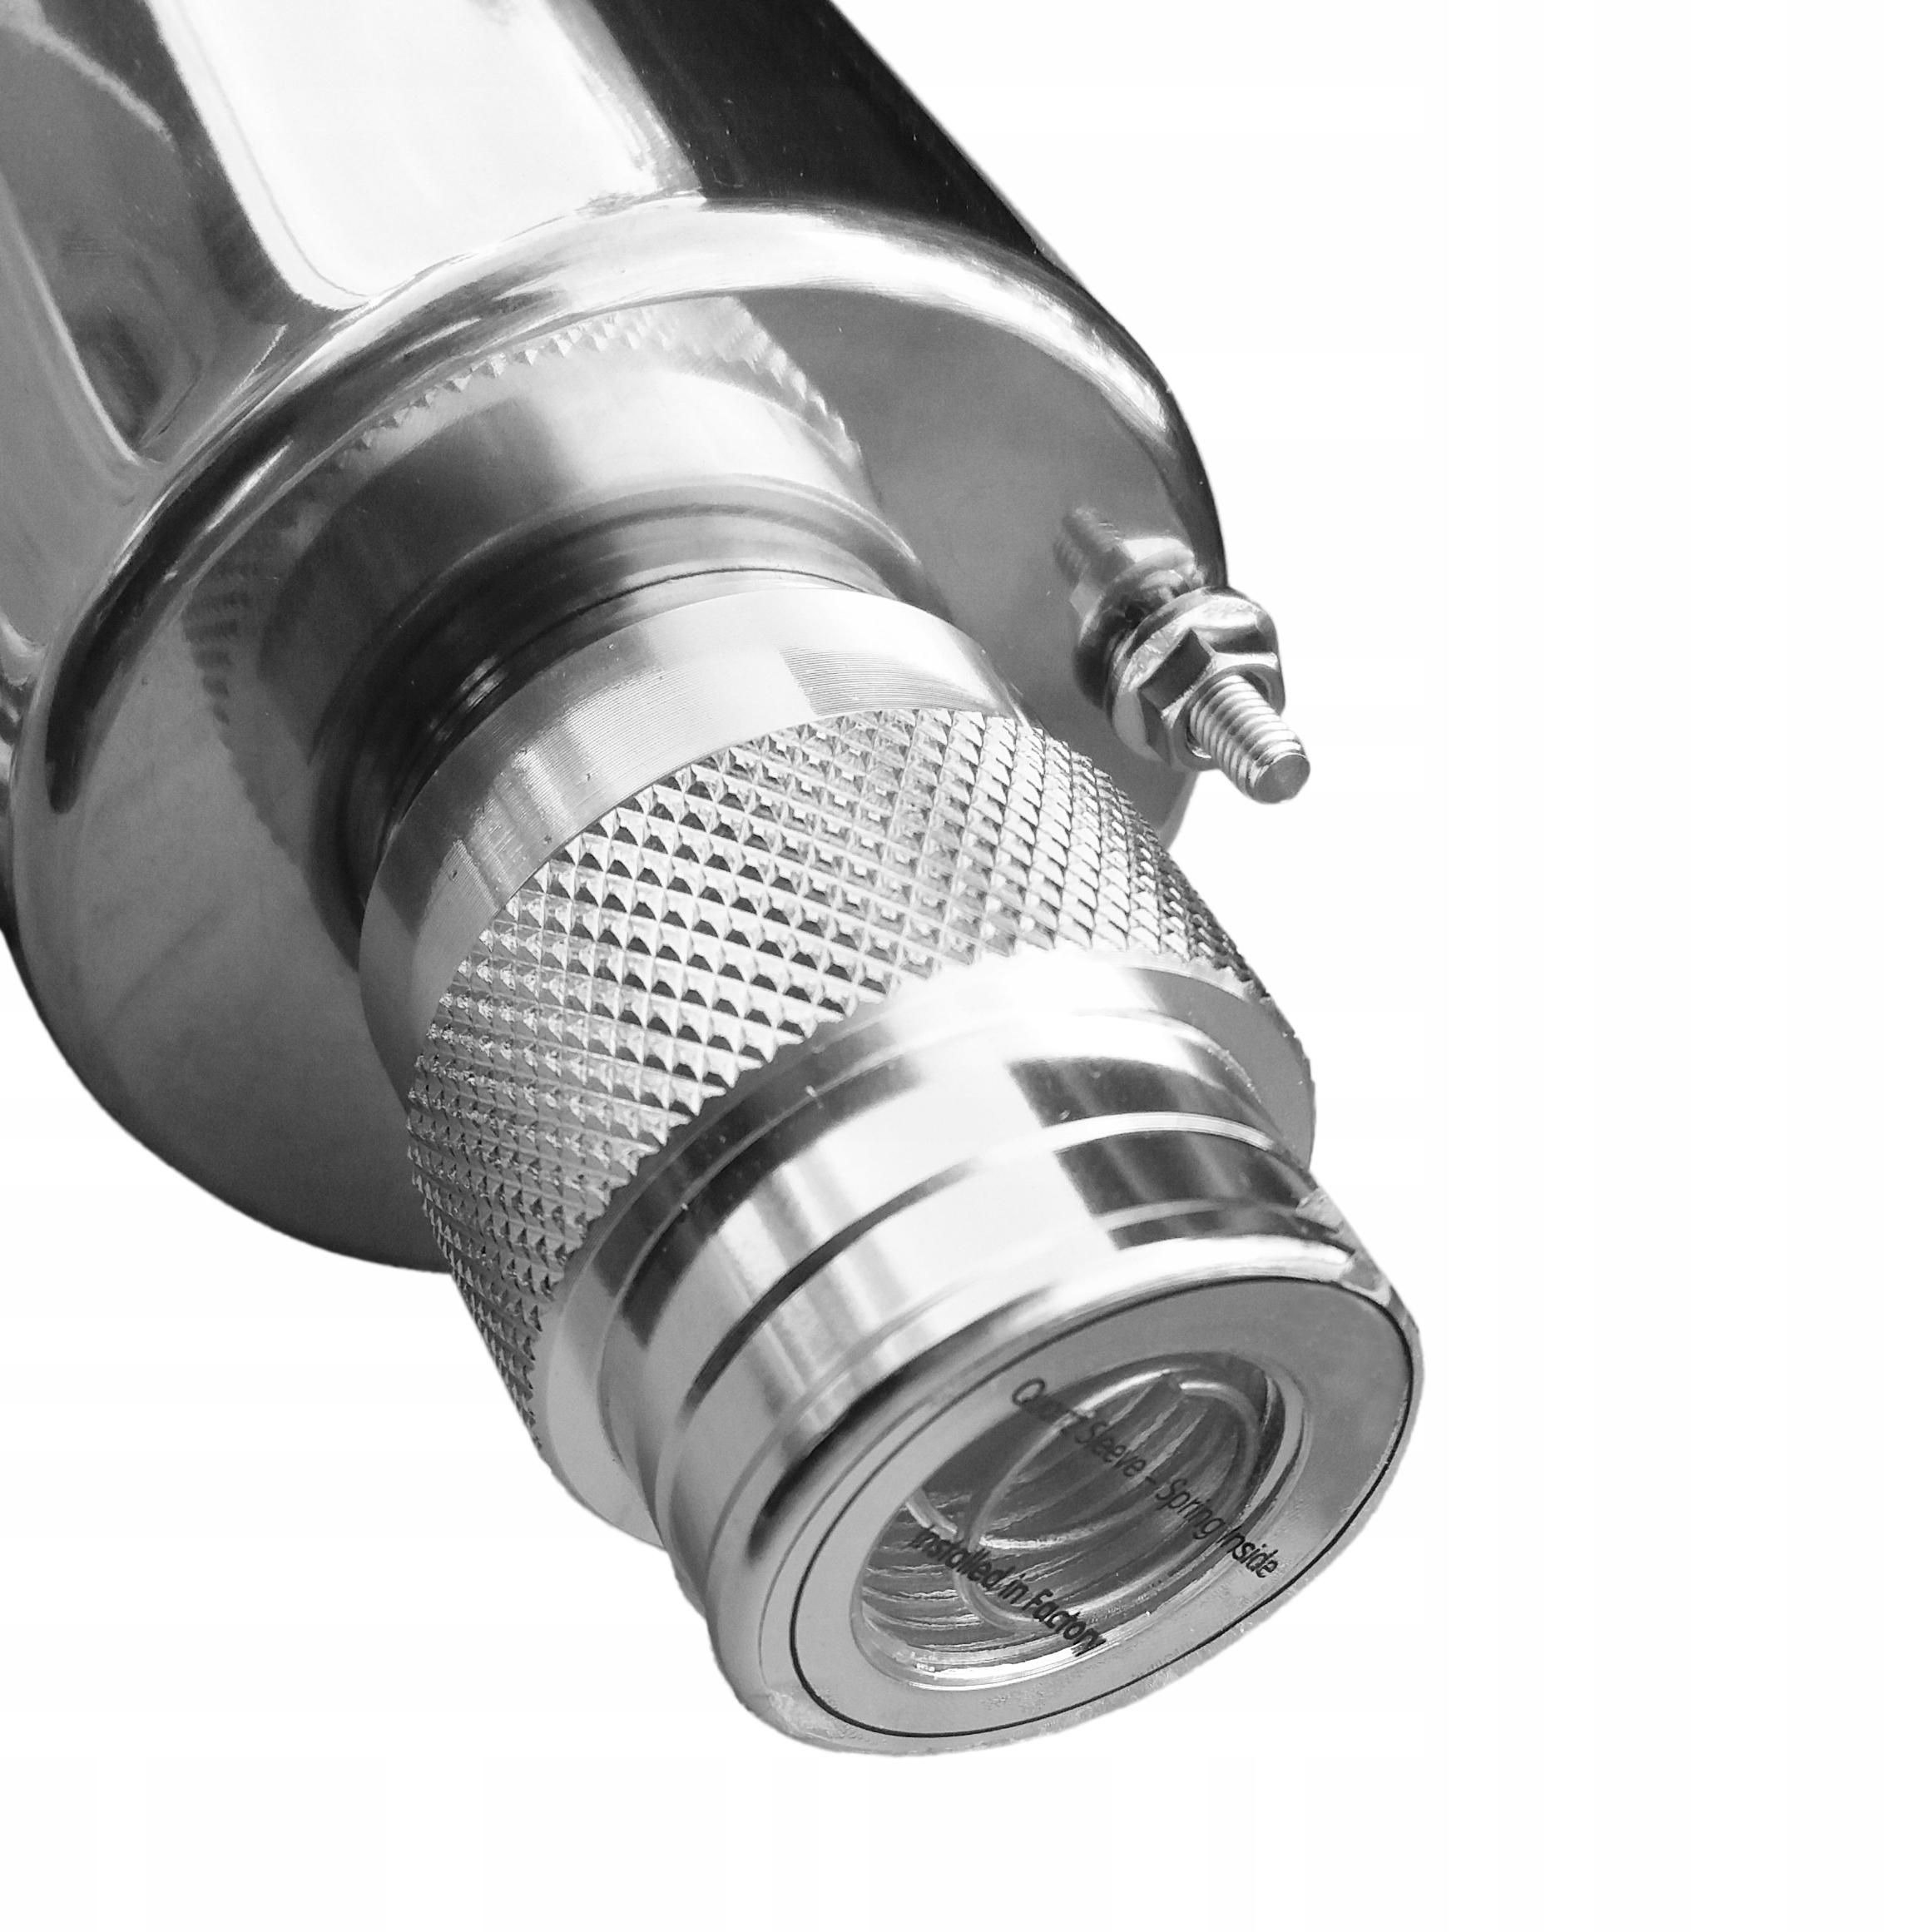 LAMPA BAKTERIOBÓJCZA UV 32W WASSERLIGHT Model WasserLight 32W